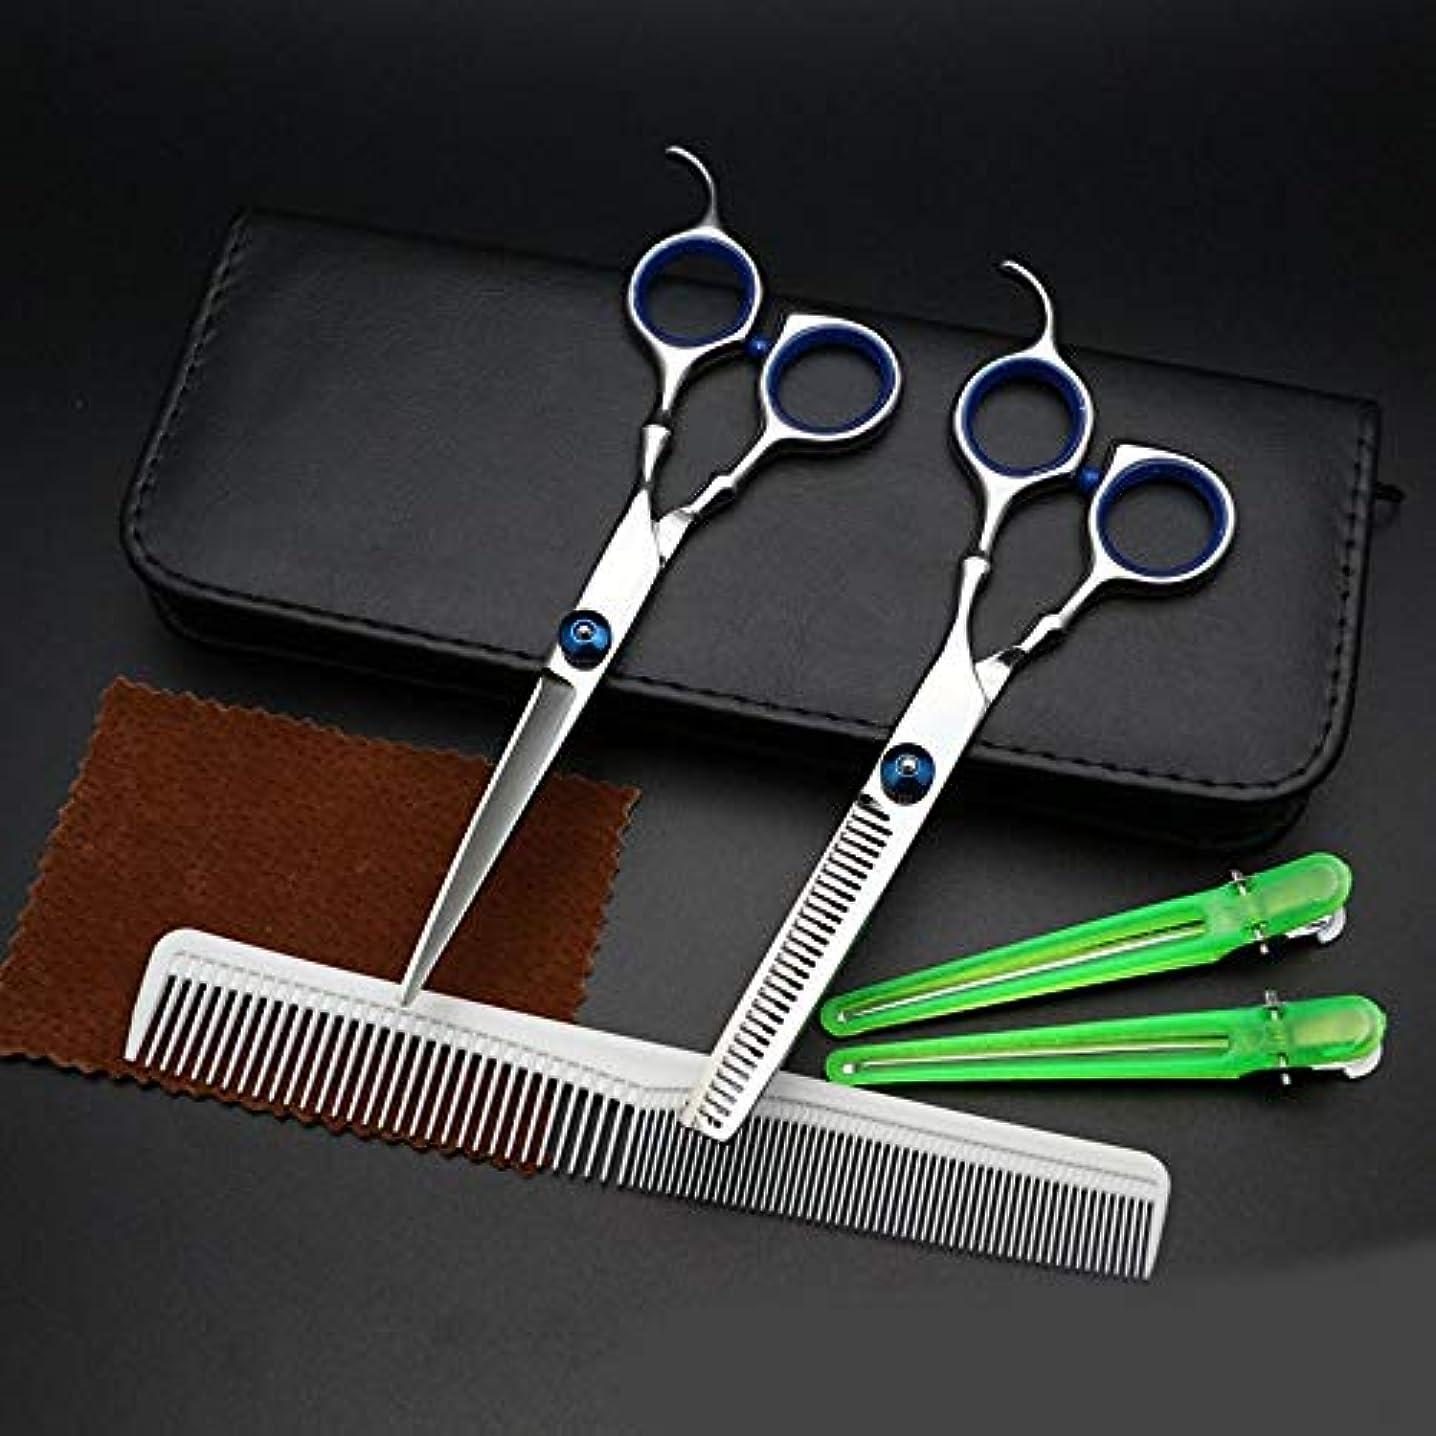 続けるオフ観察する理髪用はさみ 6.0インチの青ねじ理髪はさみ、タケハンドルの理髪はさみ用具の毛の切断はさみのステンレス製の理髪師のはさみ (色 : 青)